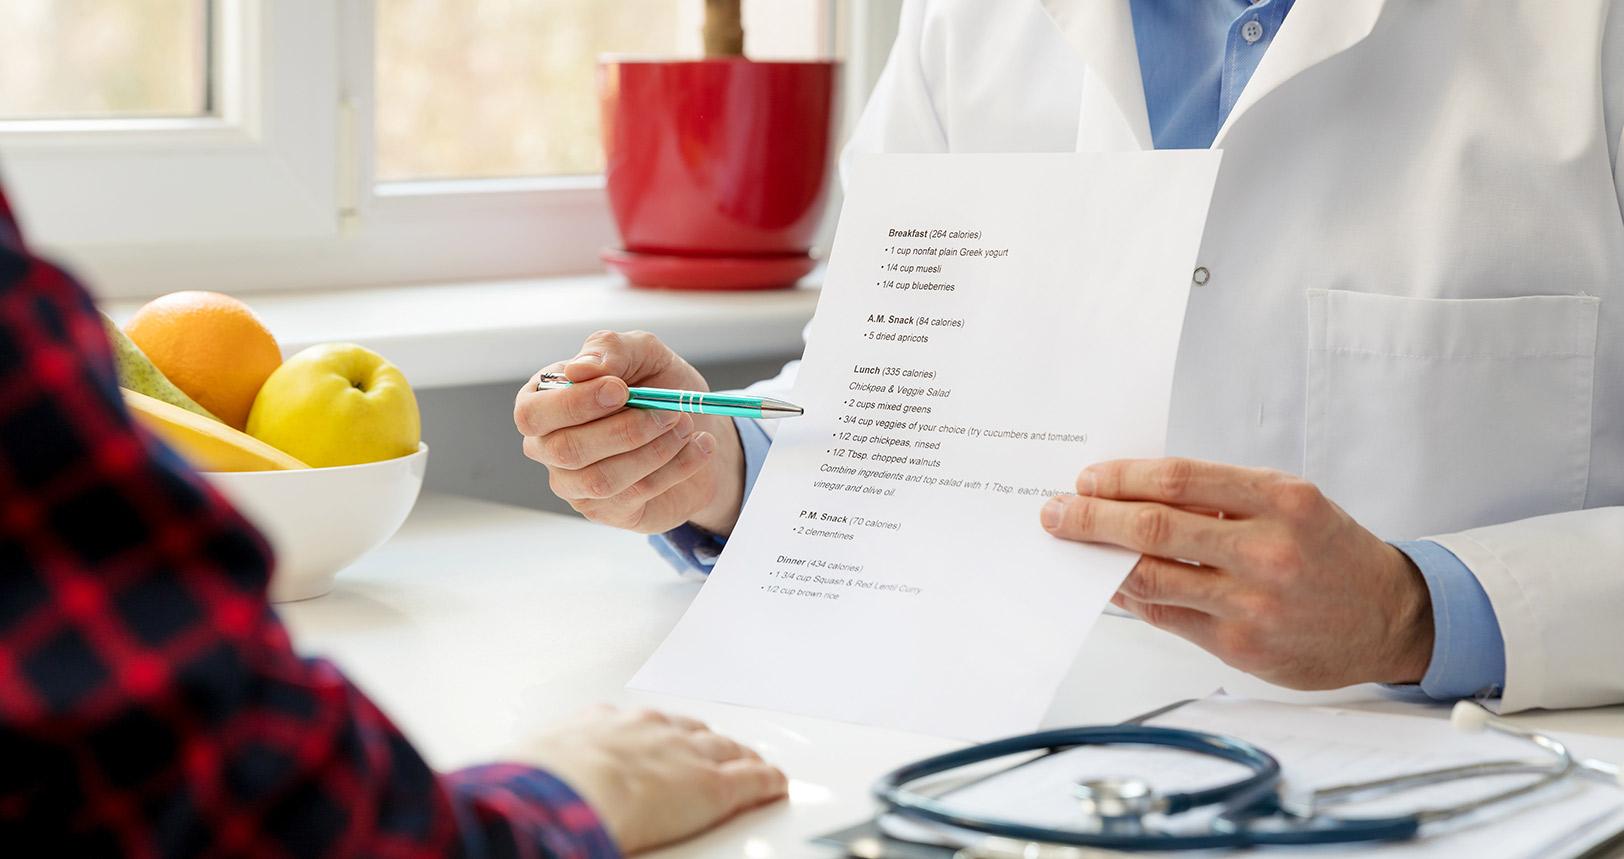 diagnosi e cure delle patologie della nutrizione dietologo nutrizionista bambini e adulti perugia citta della pieve